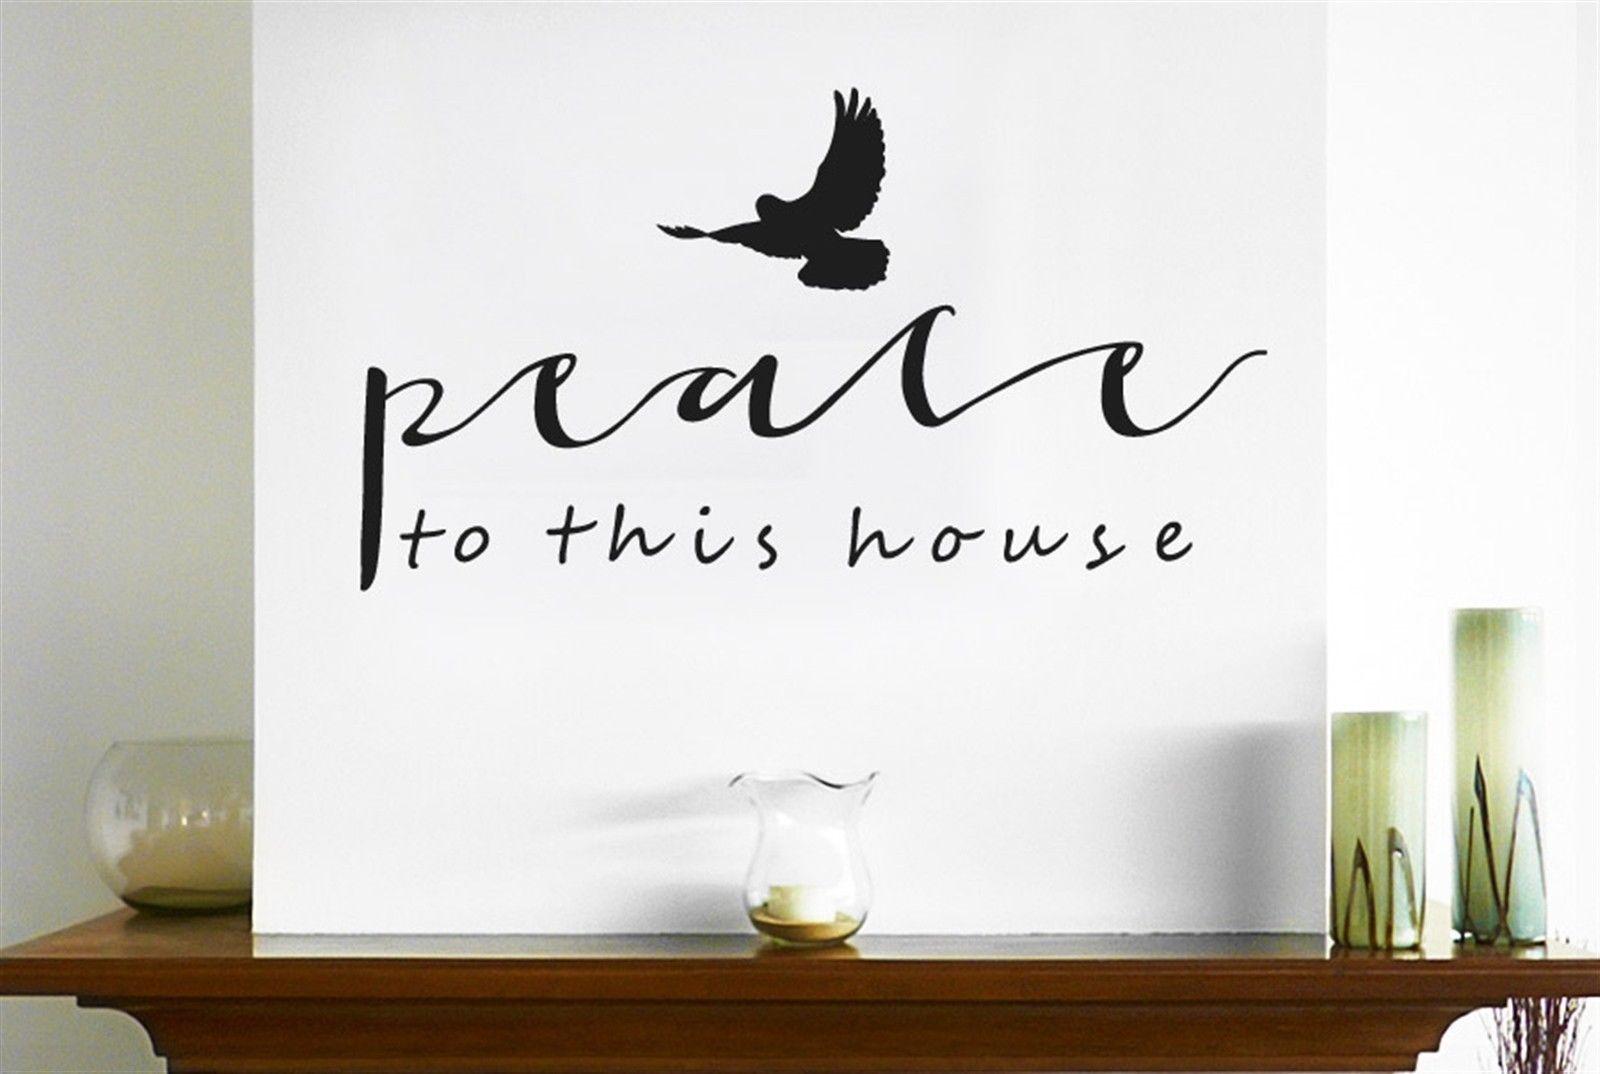 ღ ღhwhd peace to this house with flying bird wall stickers art